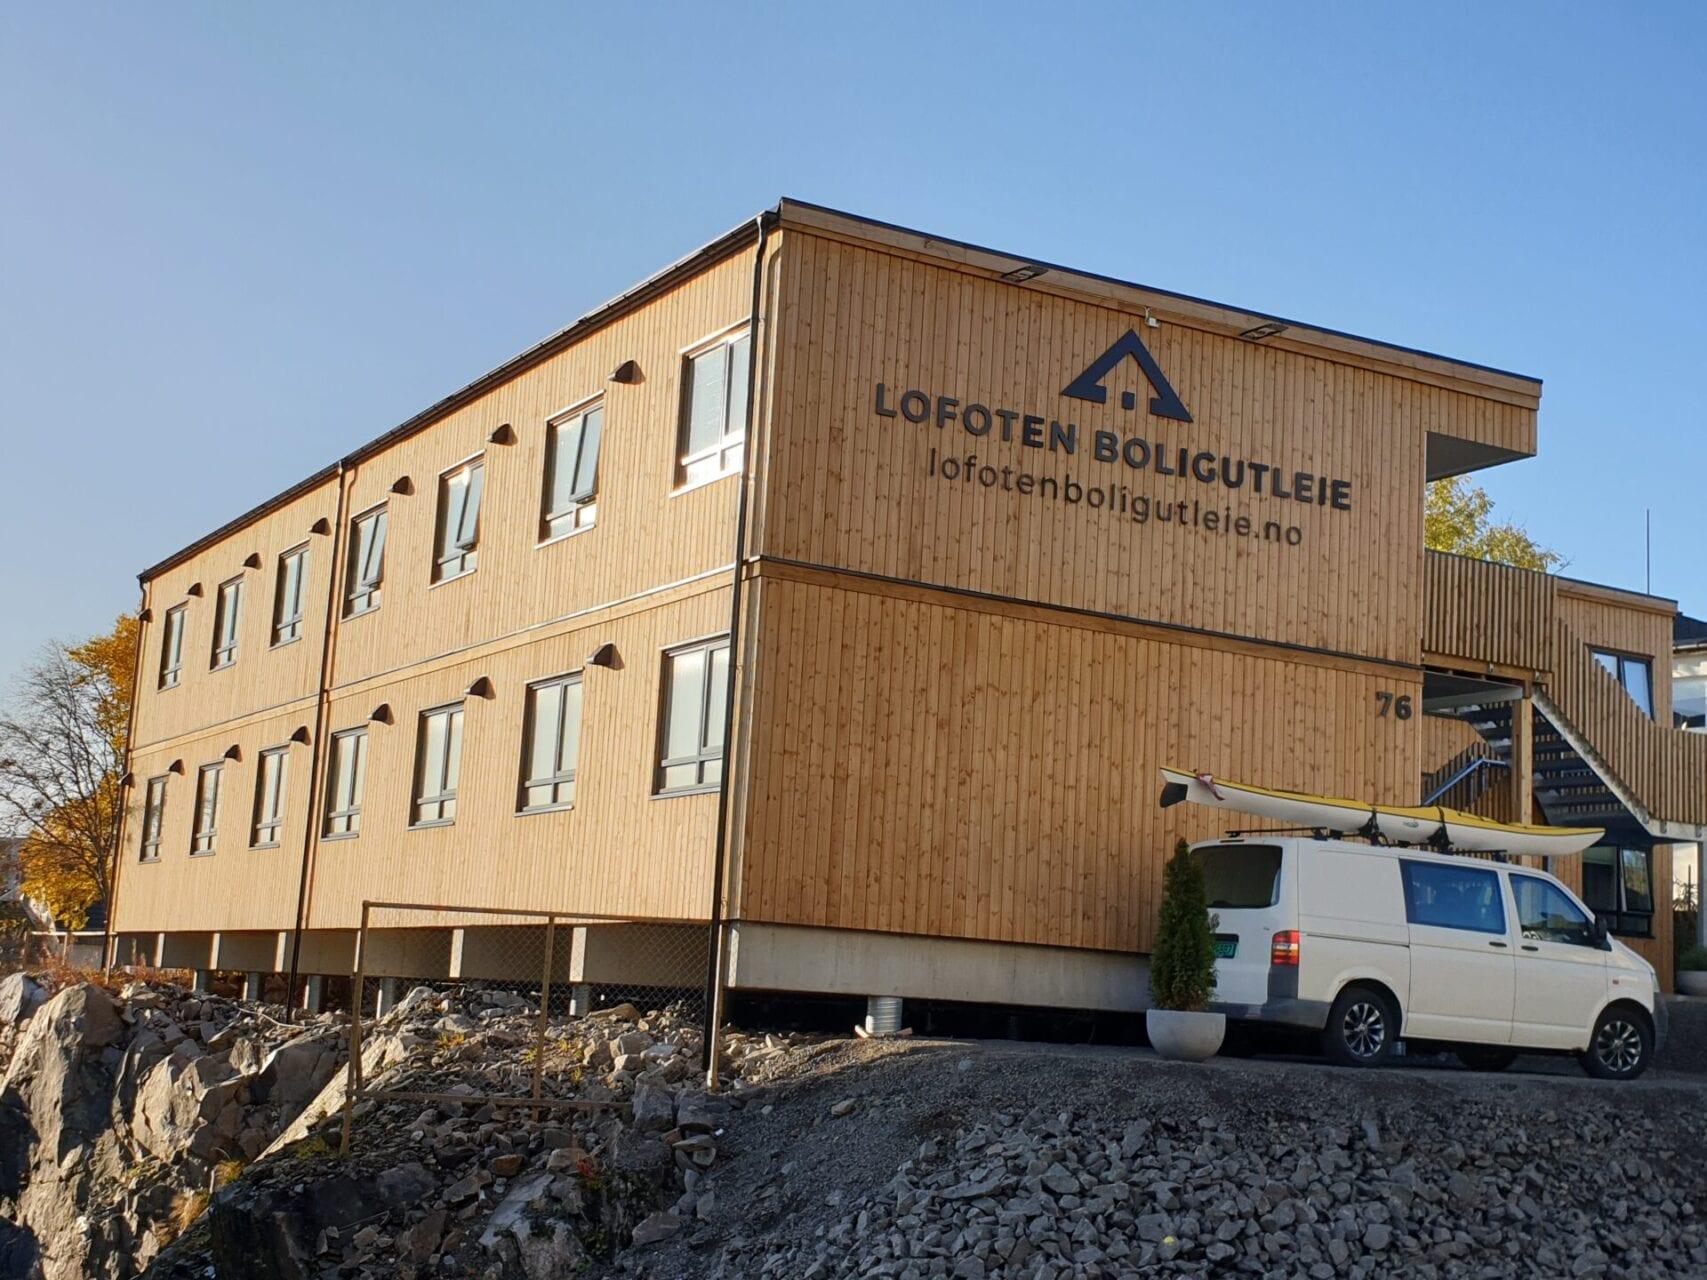 Bilde av et utleiebygg i Lofoten